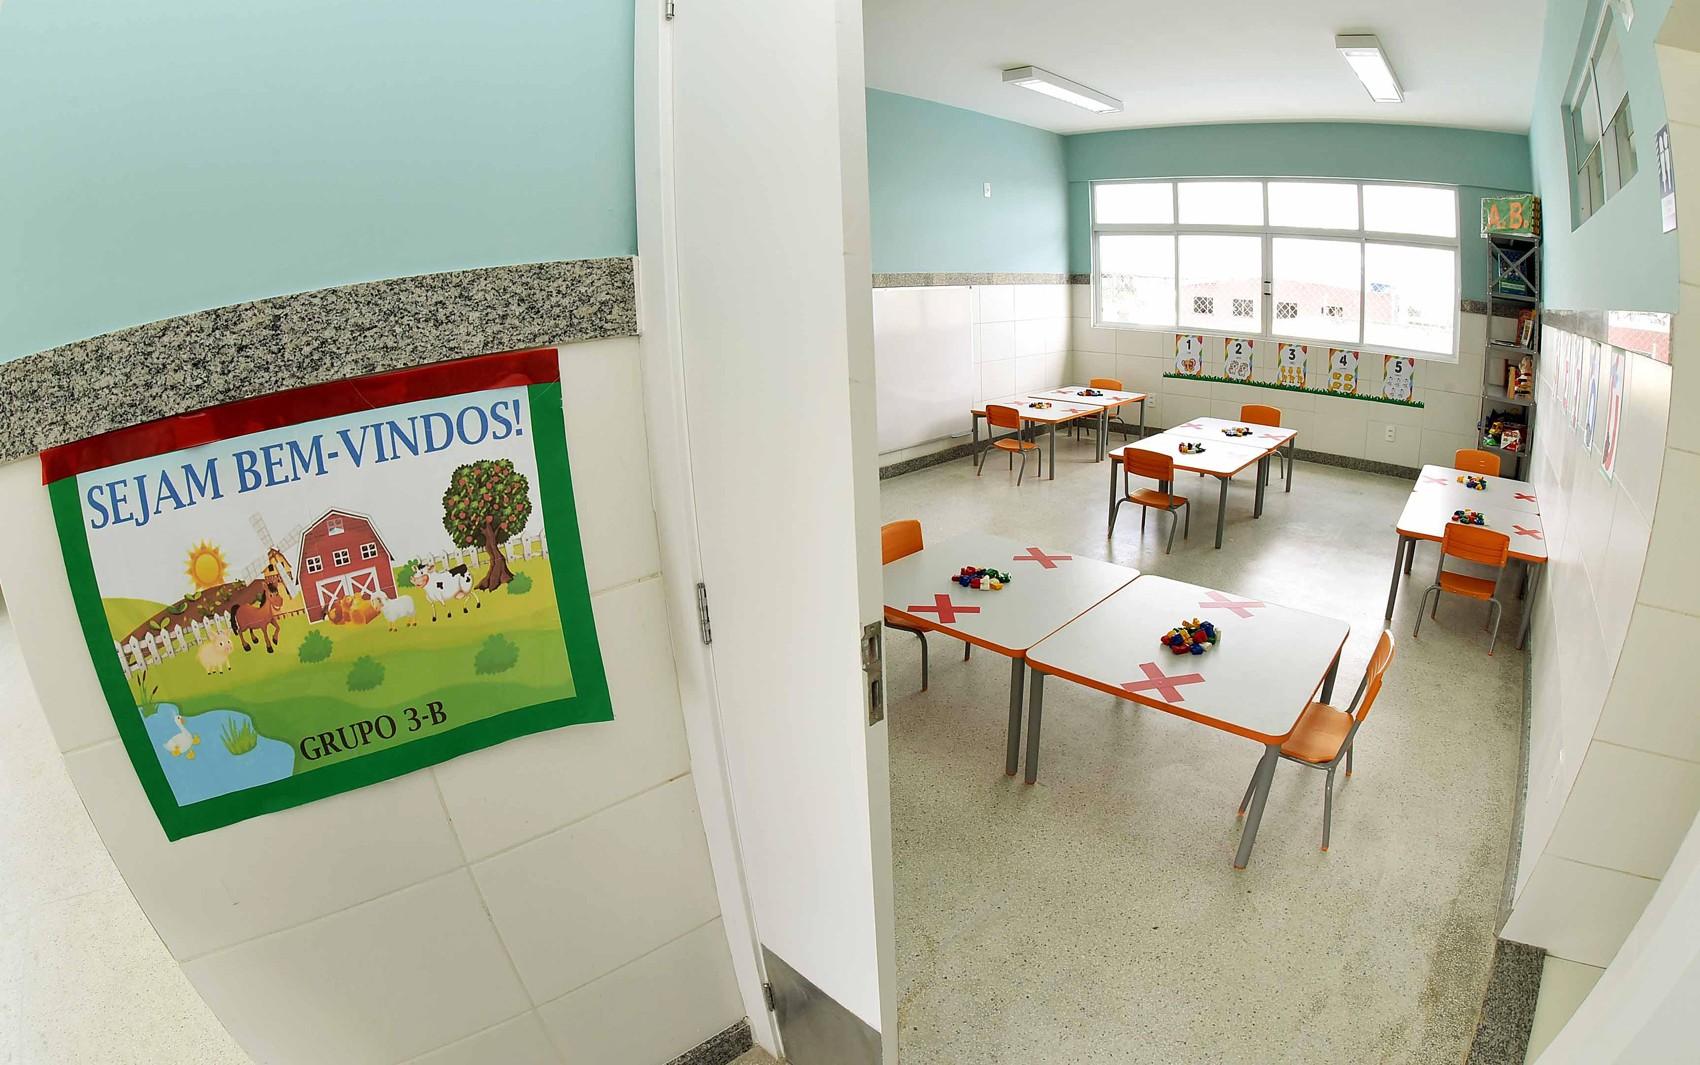 Após reunião, professores da rede municipal decidem pelo estado de greve e manutenção das aulas remotas em Salvador